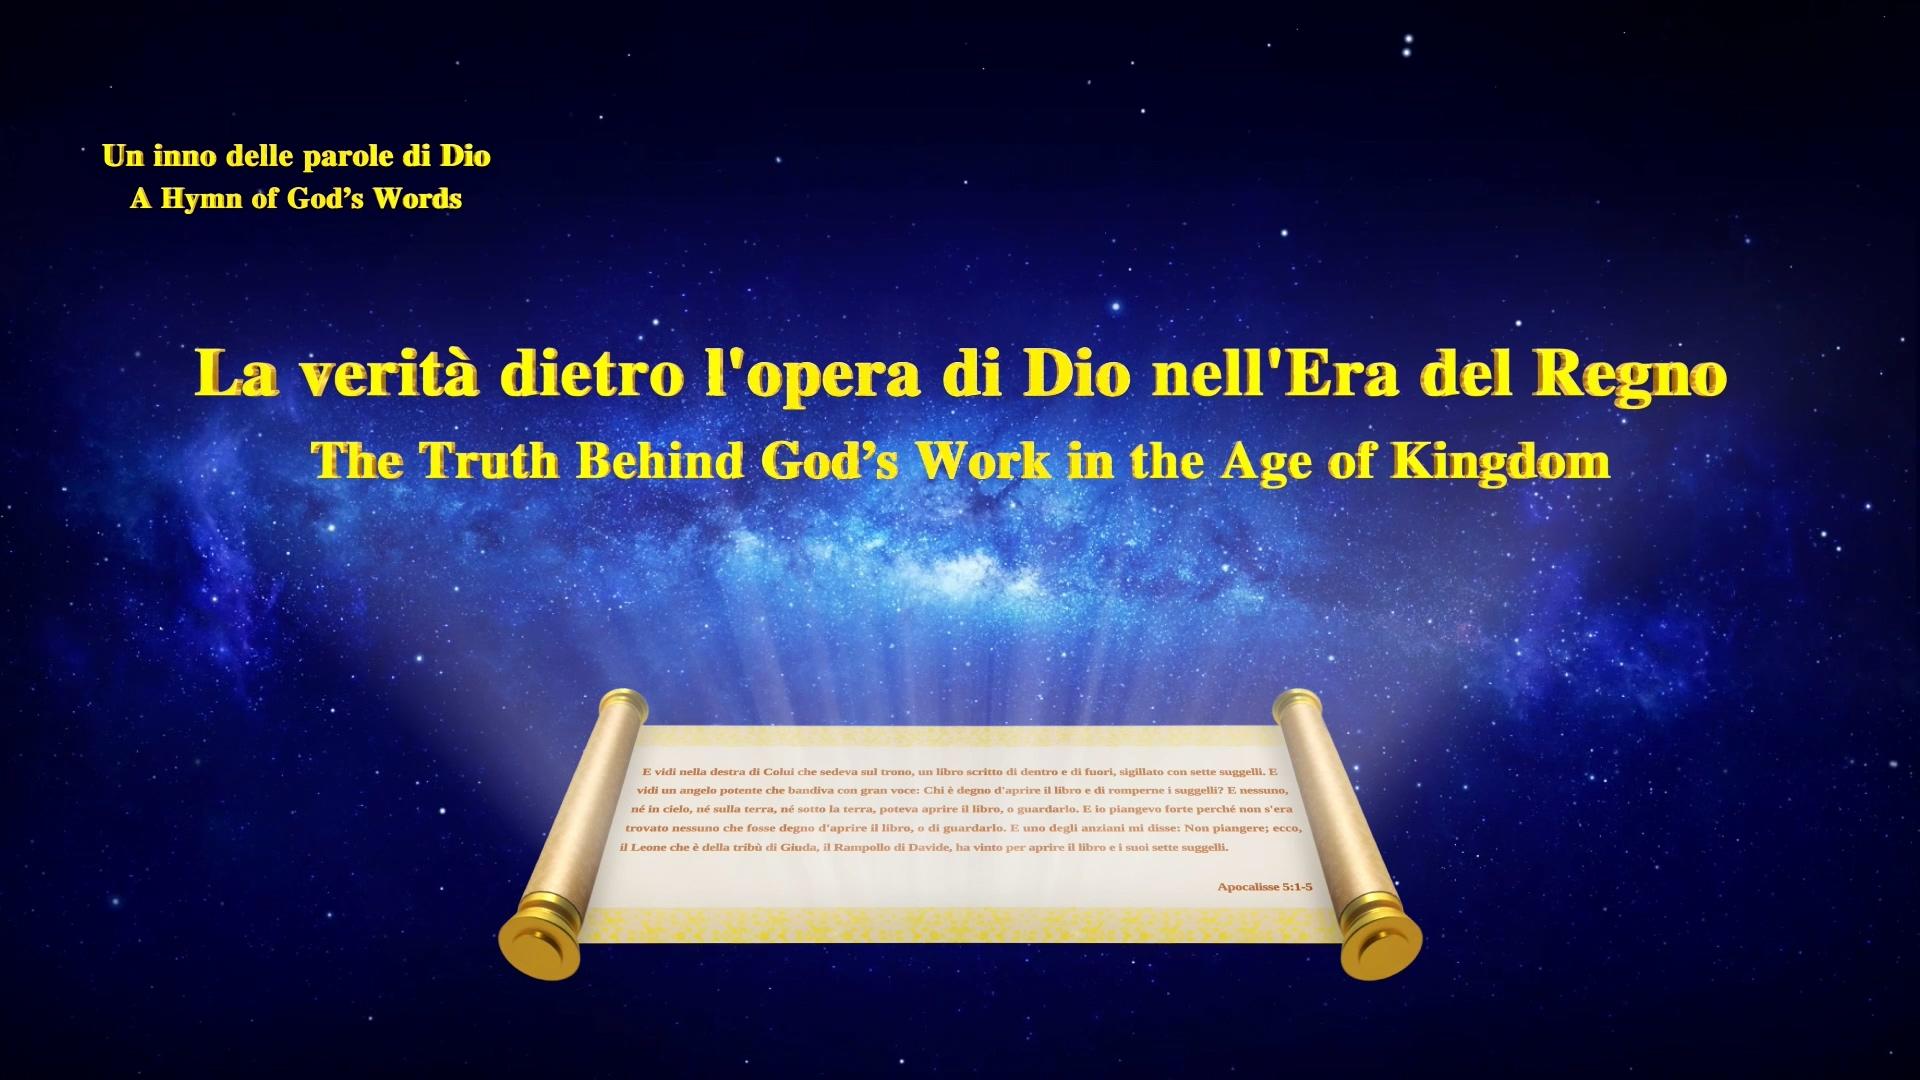 La verità dietro lo opera di Dio nella Era del Regno